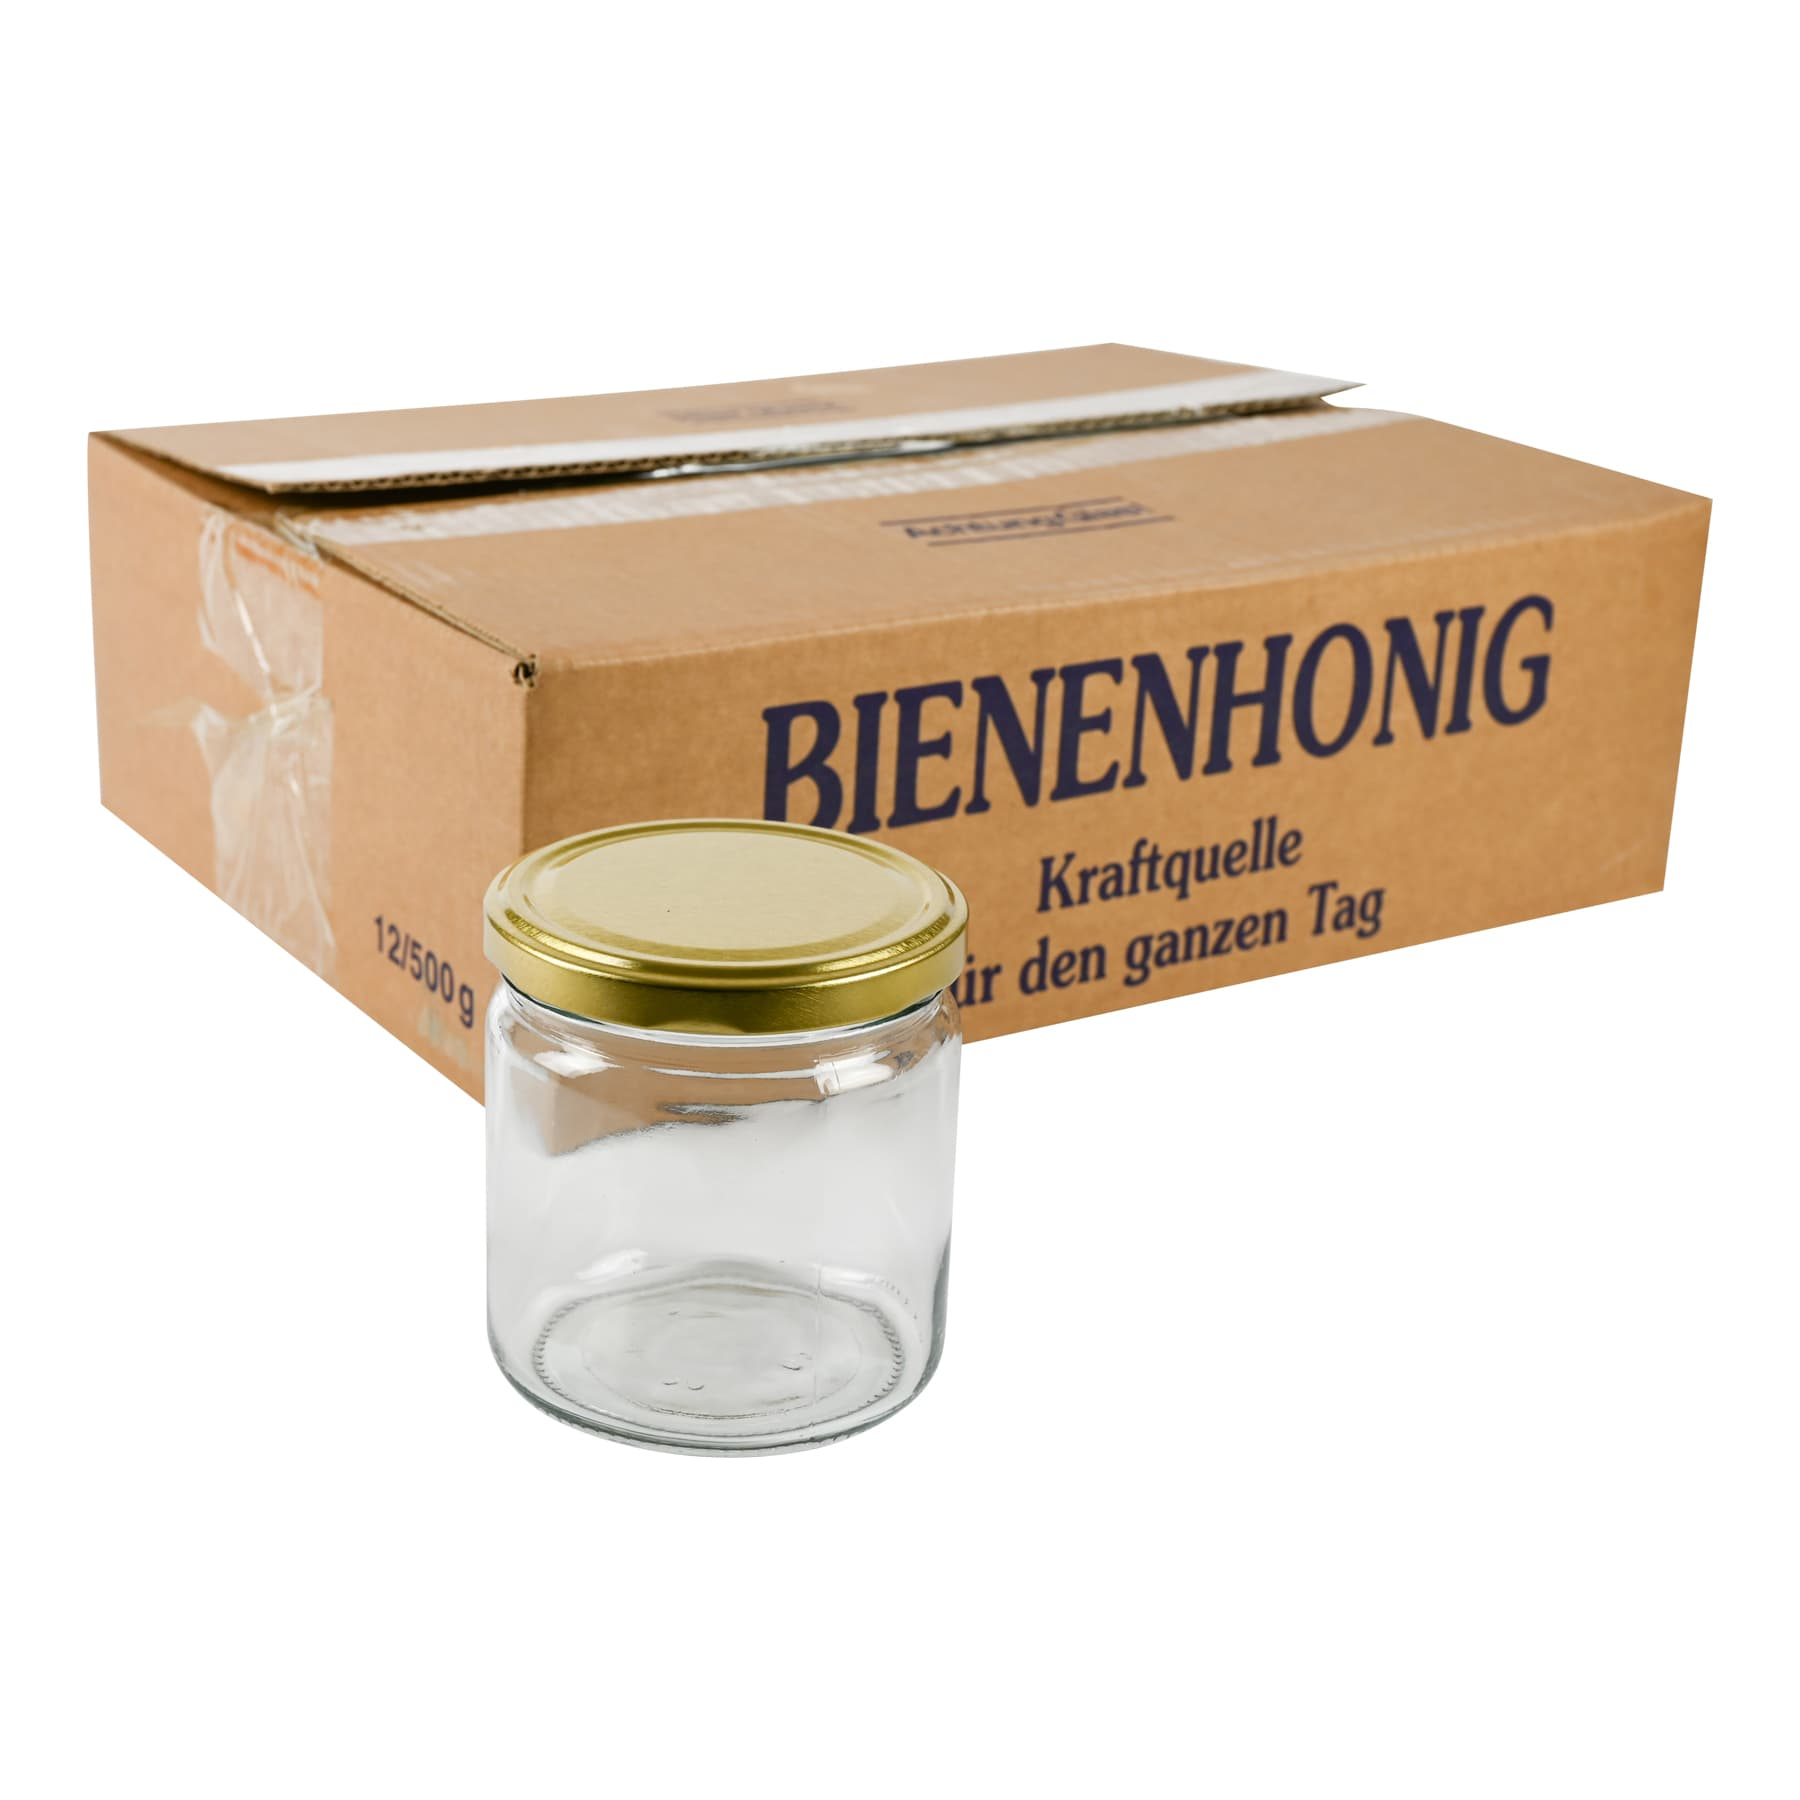 Rundglas 500 g TO mit Deckel im 12er Karton 2244 Gläser = 1 Paletten FREI HAUS von Wiegand